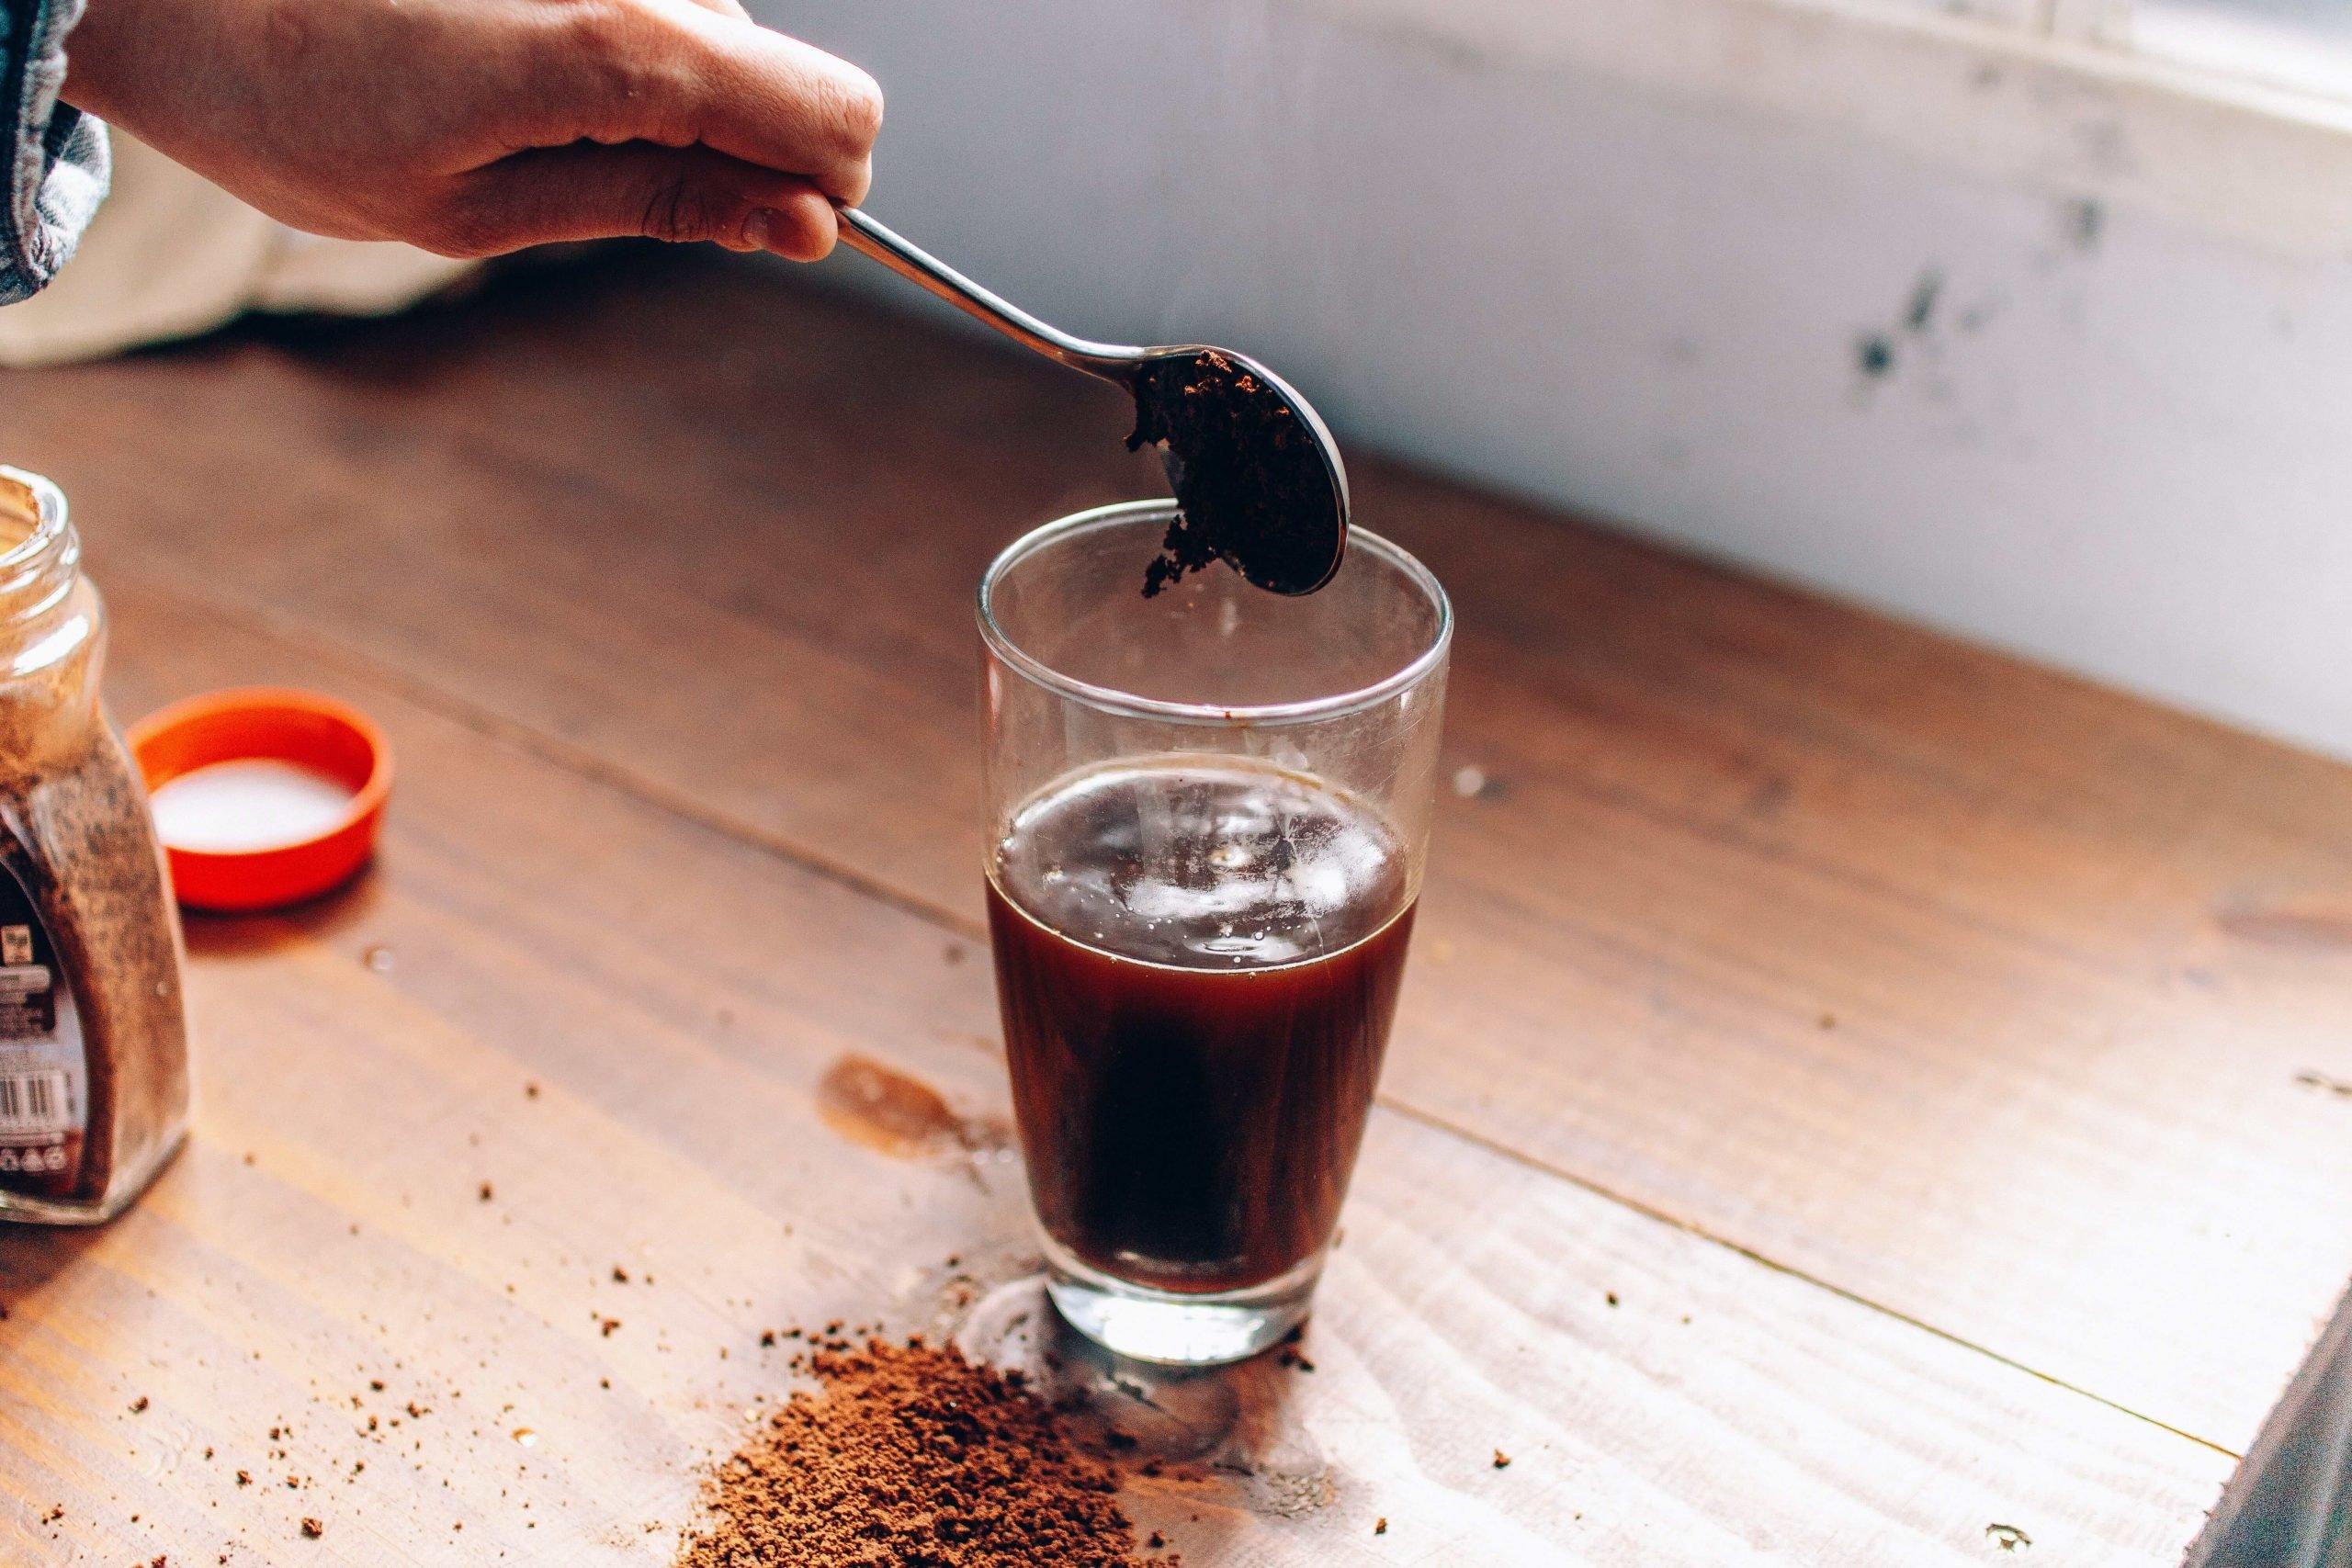 Drink com café sendo preparado com pó solúvel.